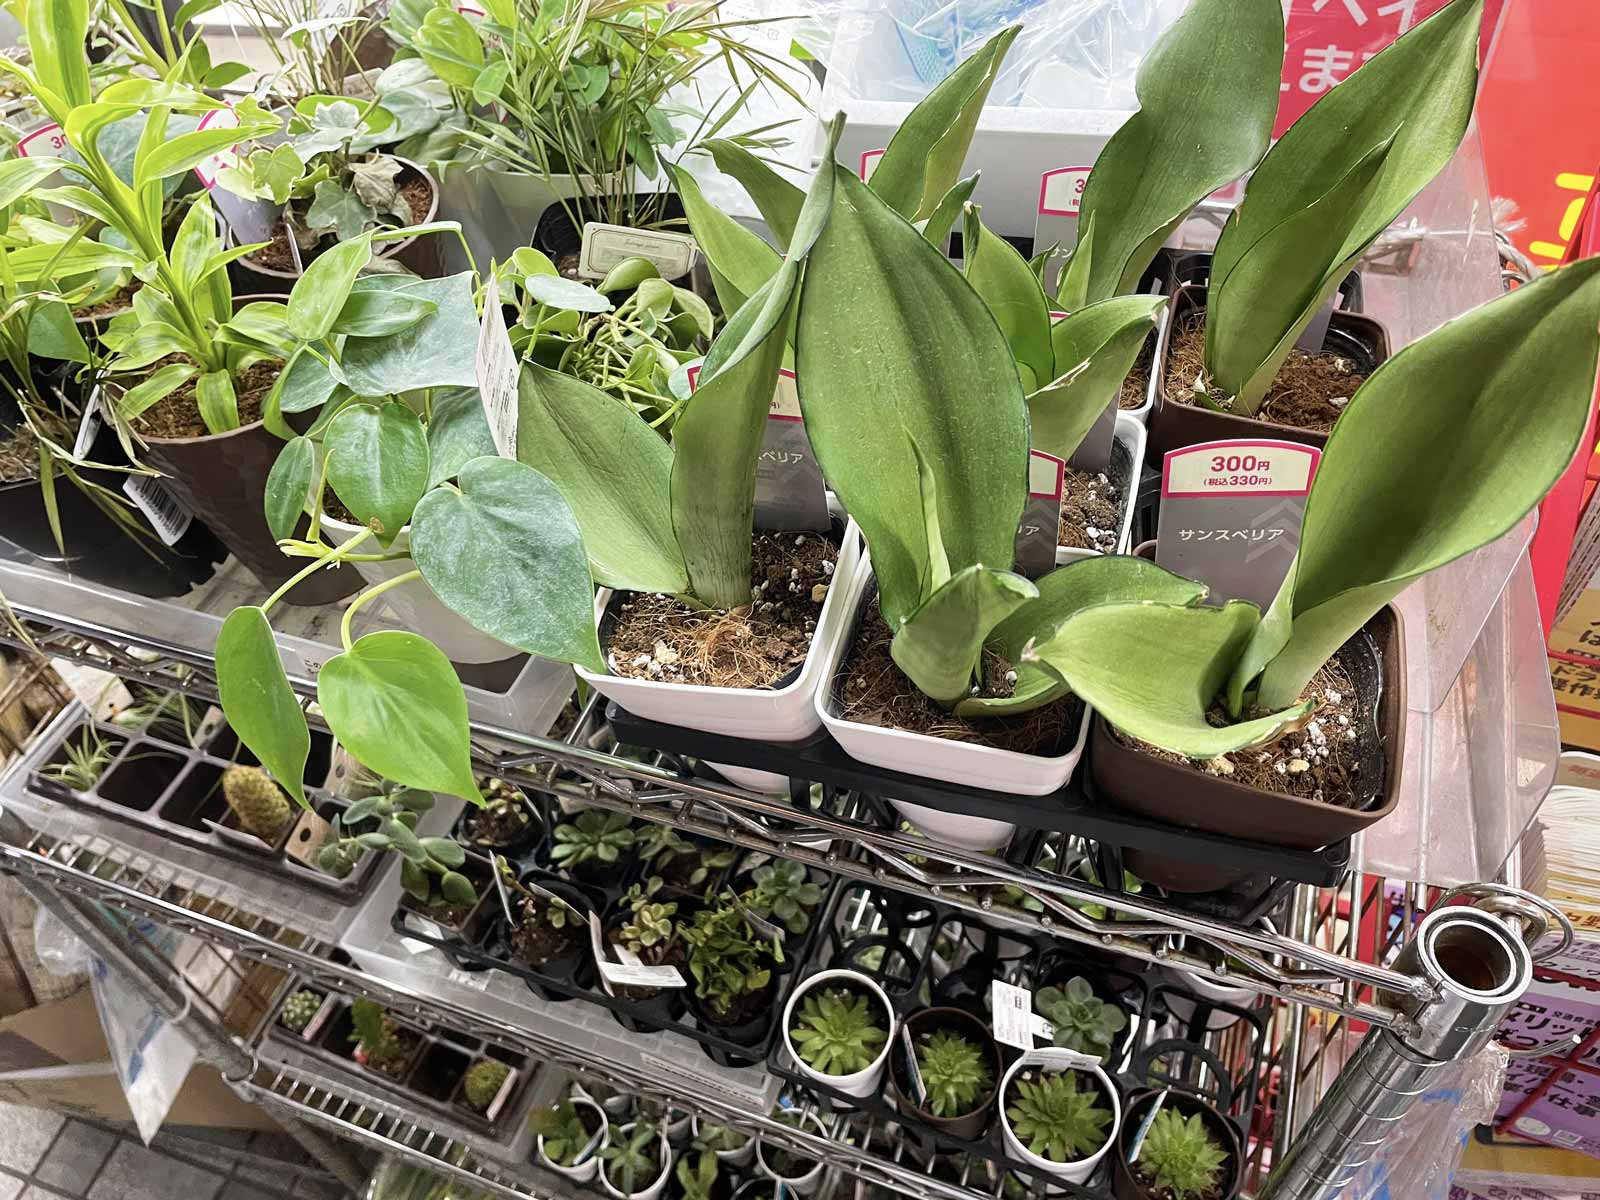 ダイソーで売られている観葉植物コーナー